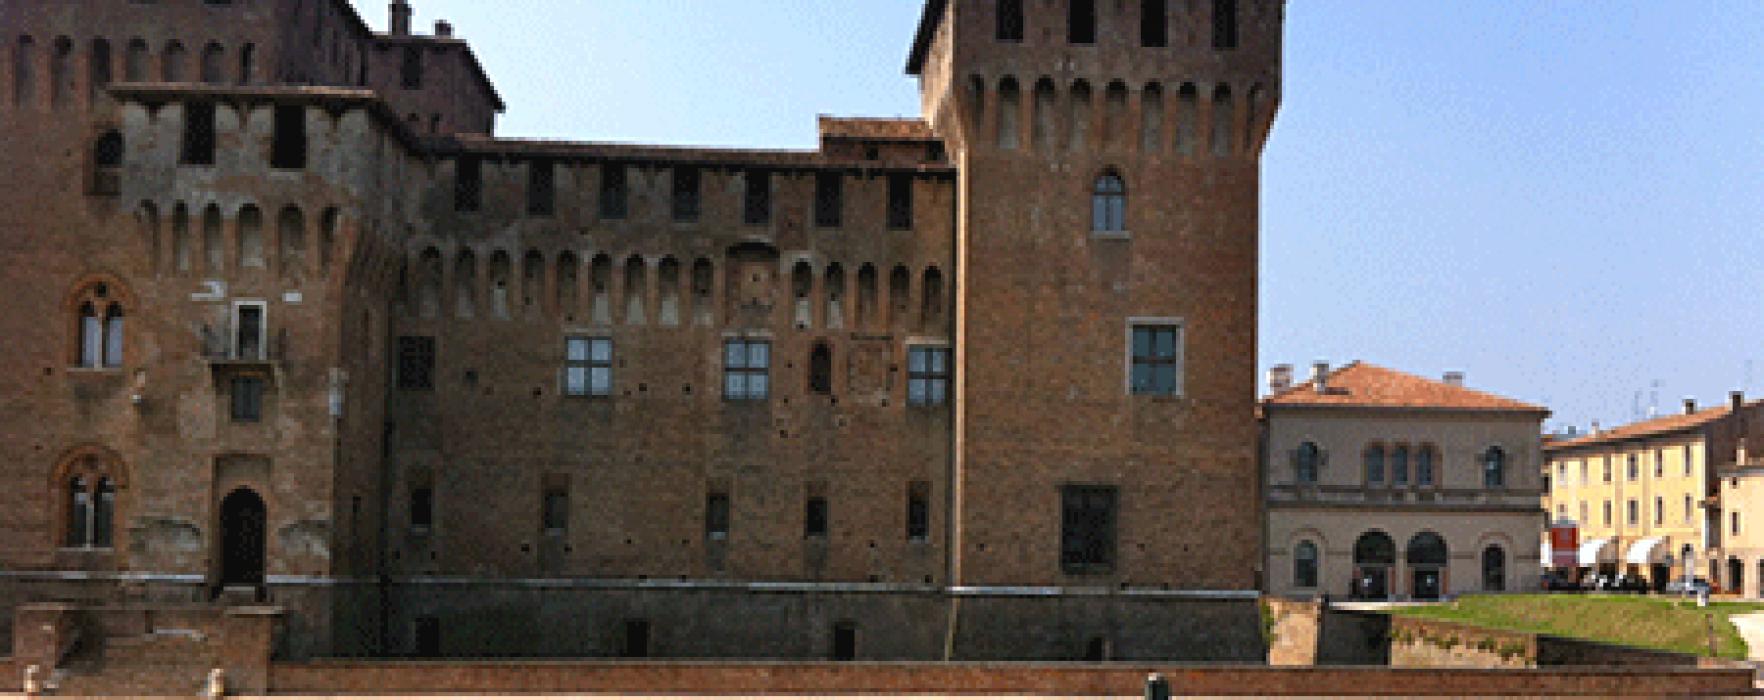 Festivaletteratura. Mantova, la cultura in piazza.